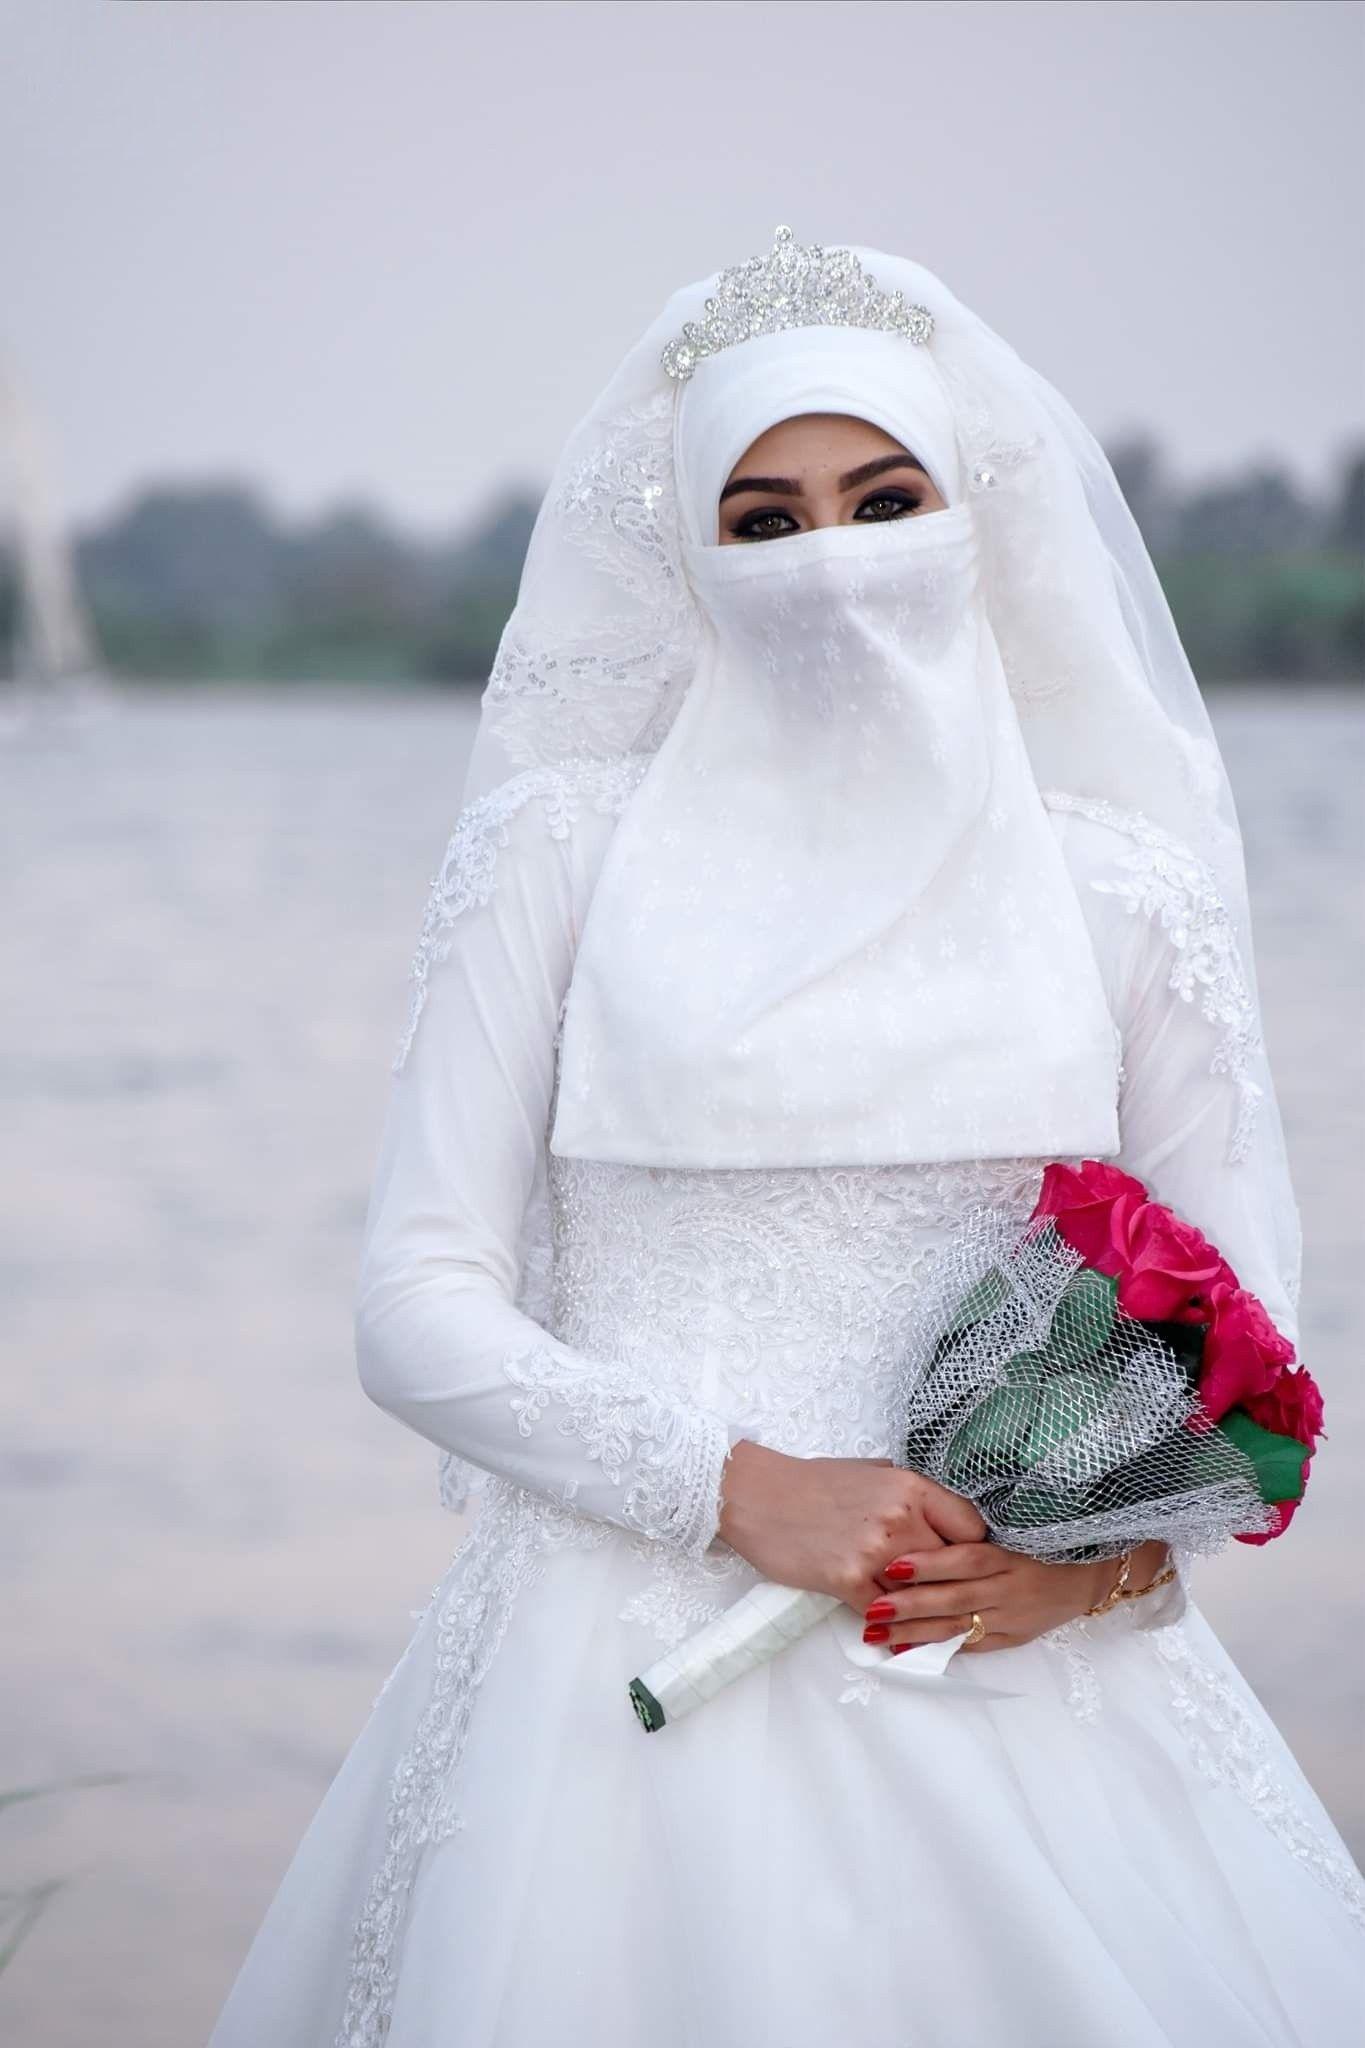 Pin by Ayse on marriage  Muslim women hijab, Arabic wedding